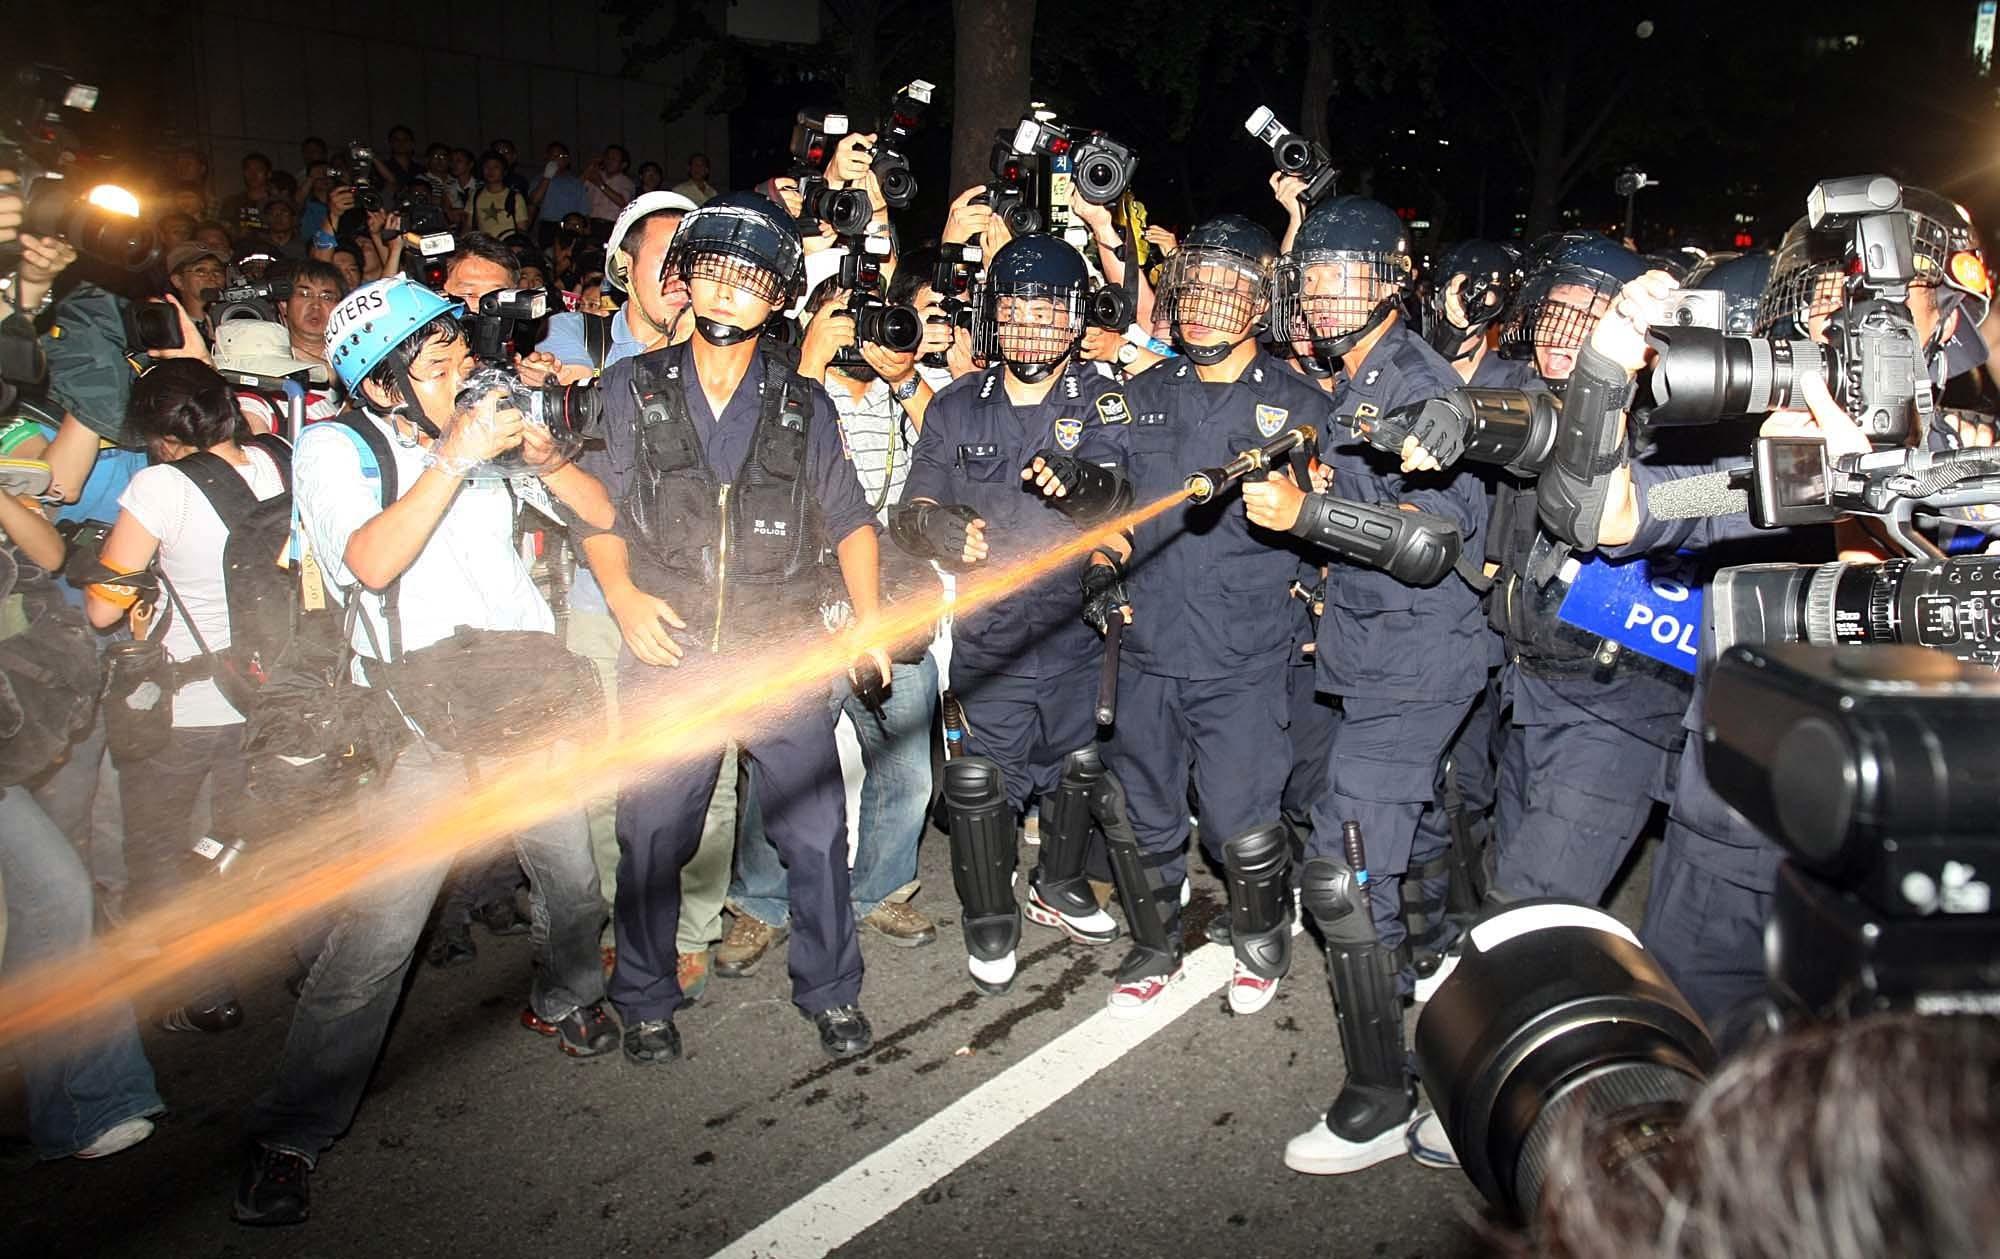 아들 부시(George W. Bush) 방한 했을 당시 불법 시위대를 향해 경찰이 색소 물포를 쏘고 있다. [중앙포토]